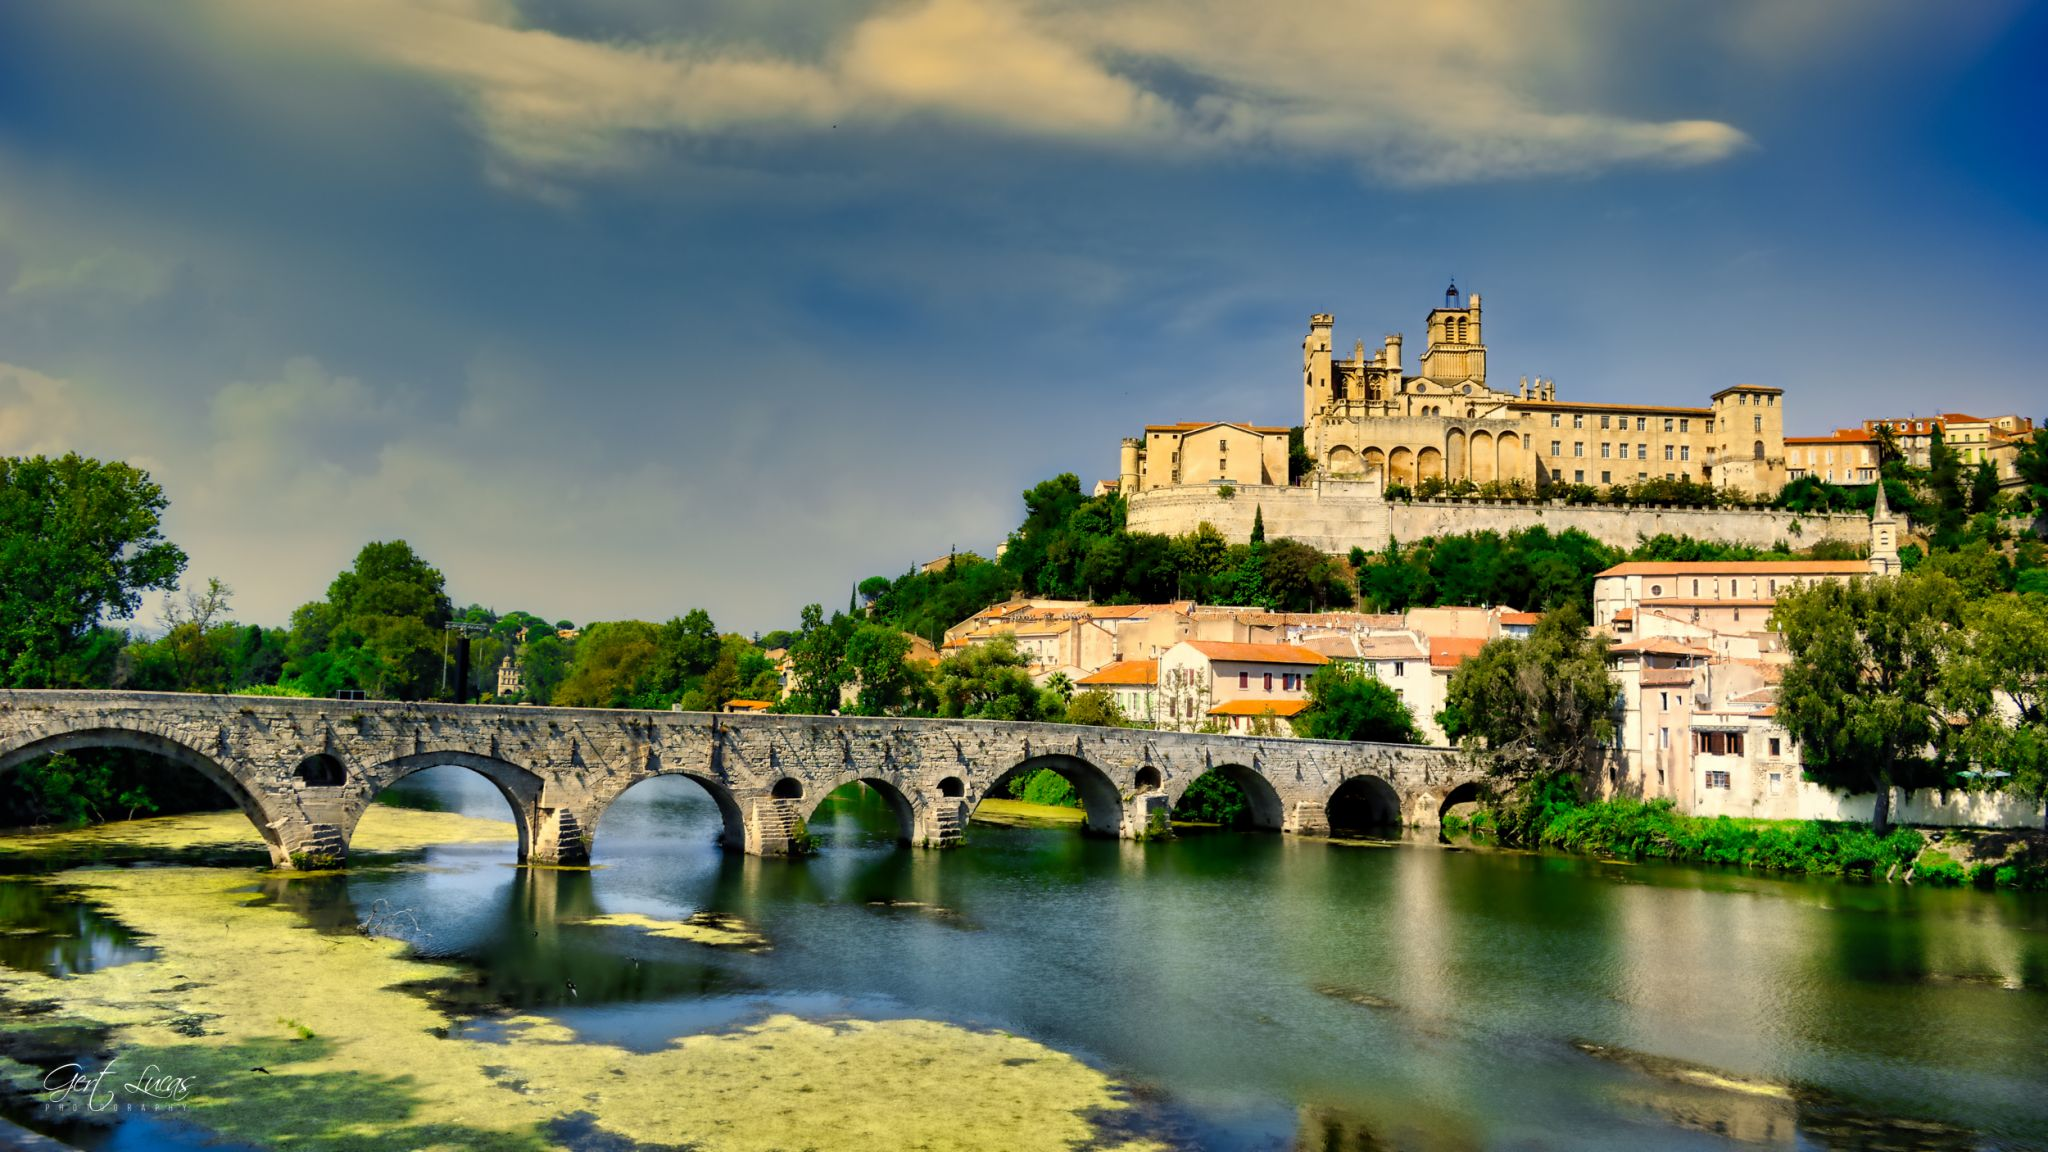 Béziers - Pont Vieux & Cathédrale St Nazaire, France